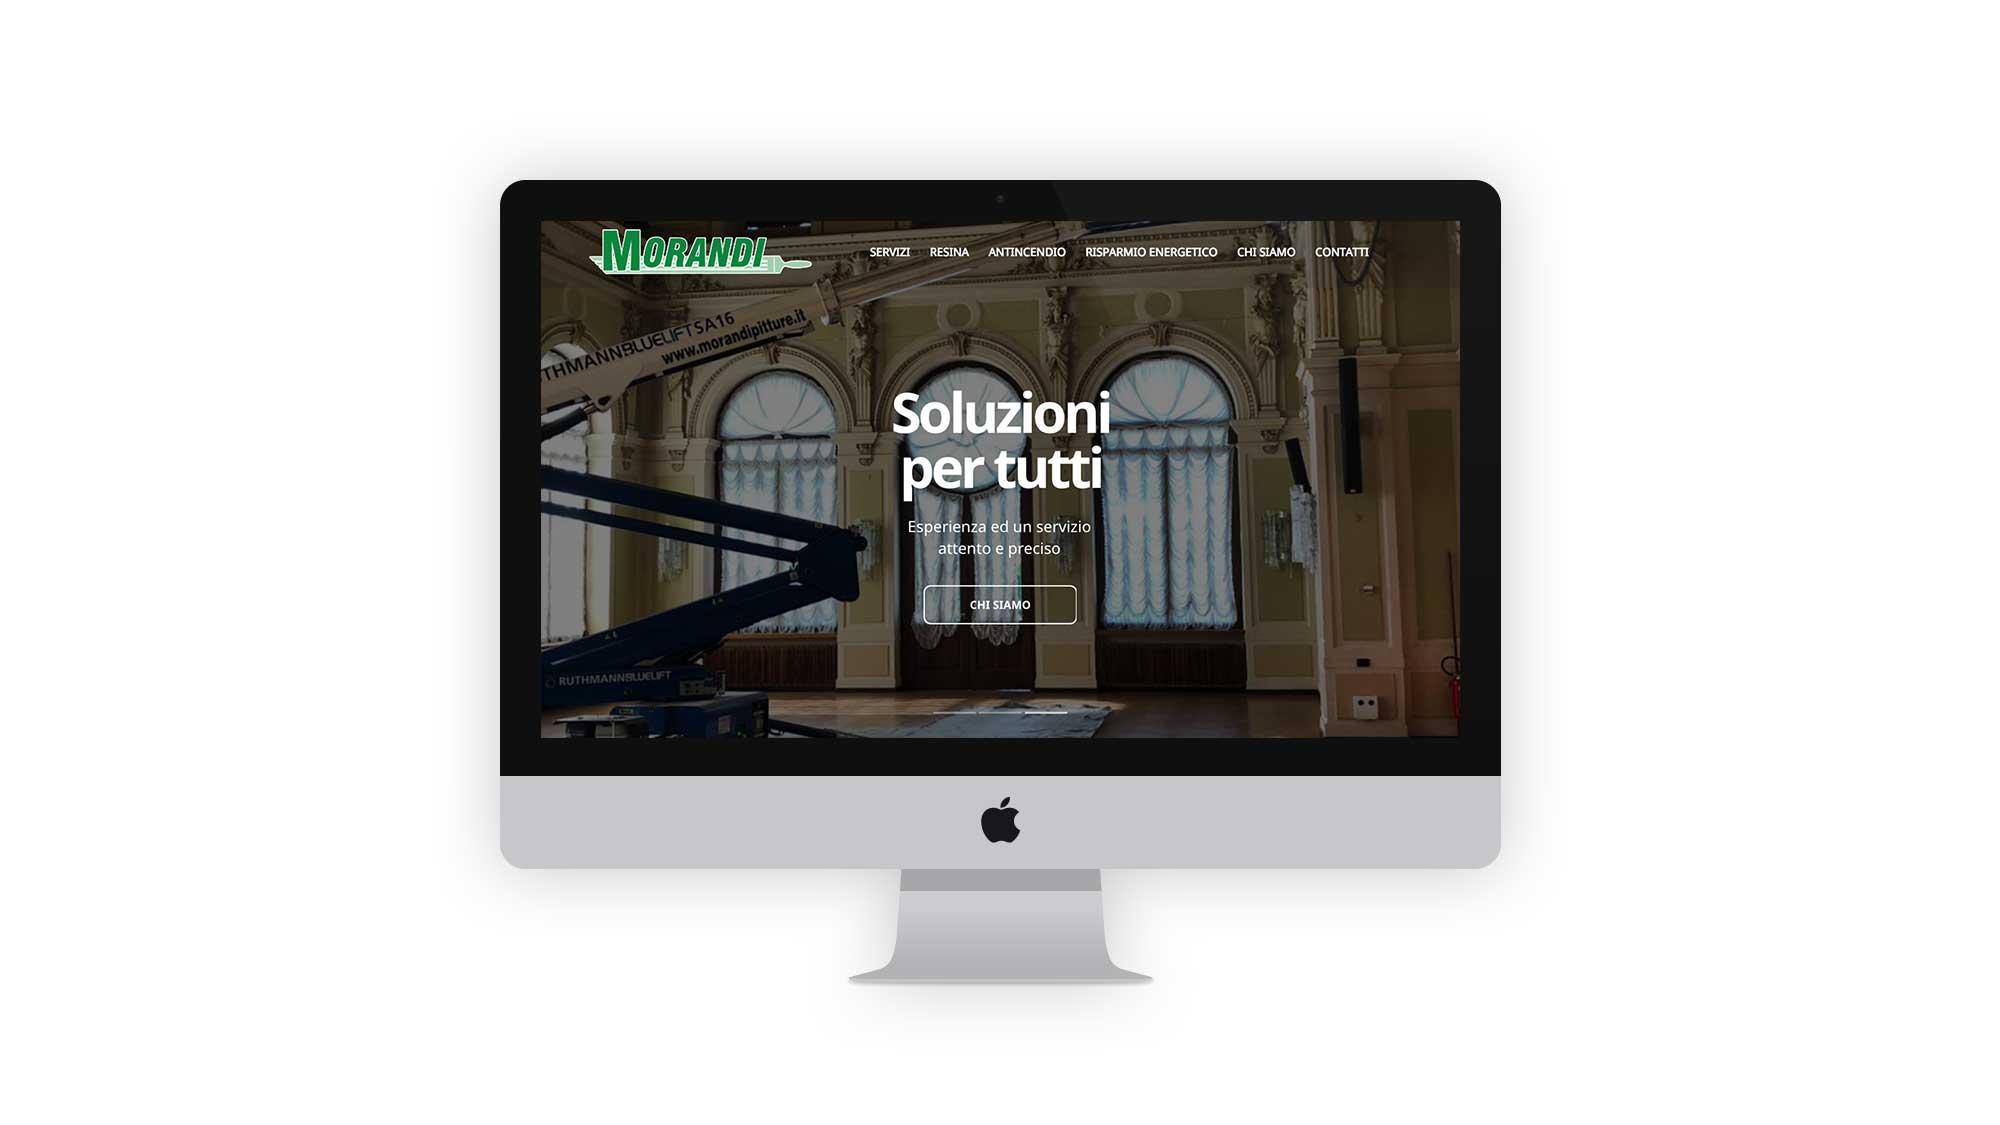 homepage sito web aziendale morandi pitture arco